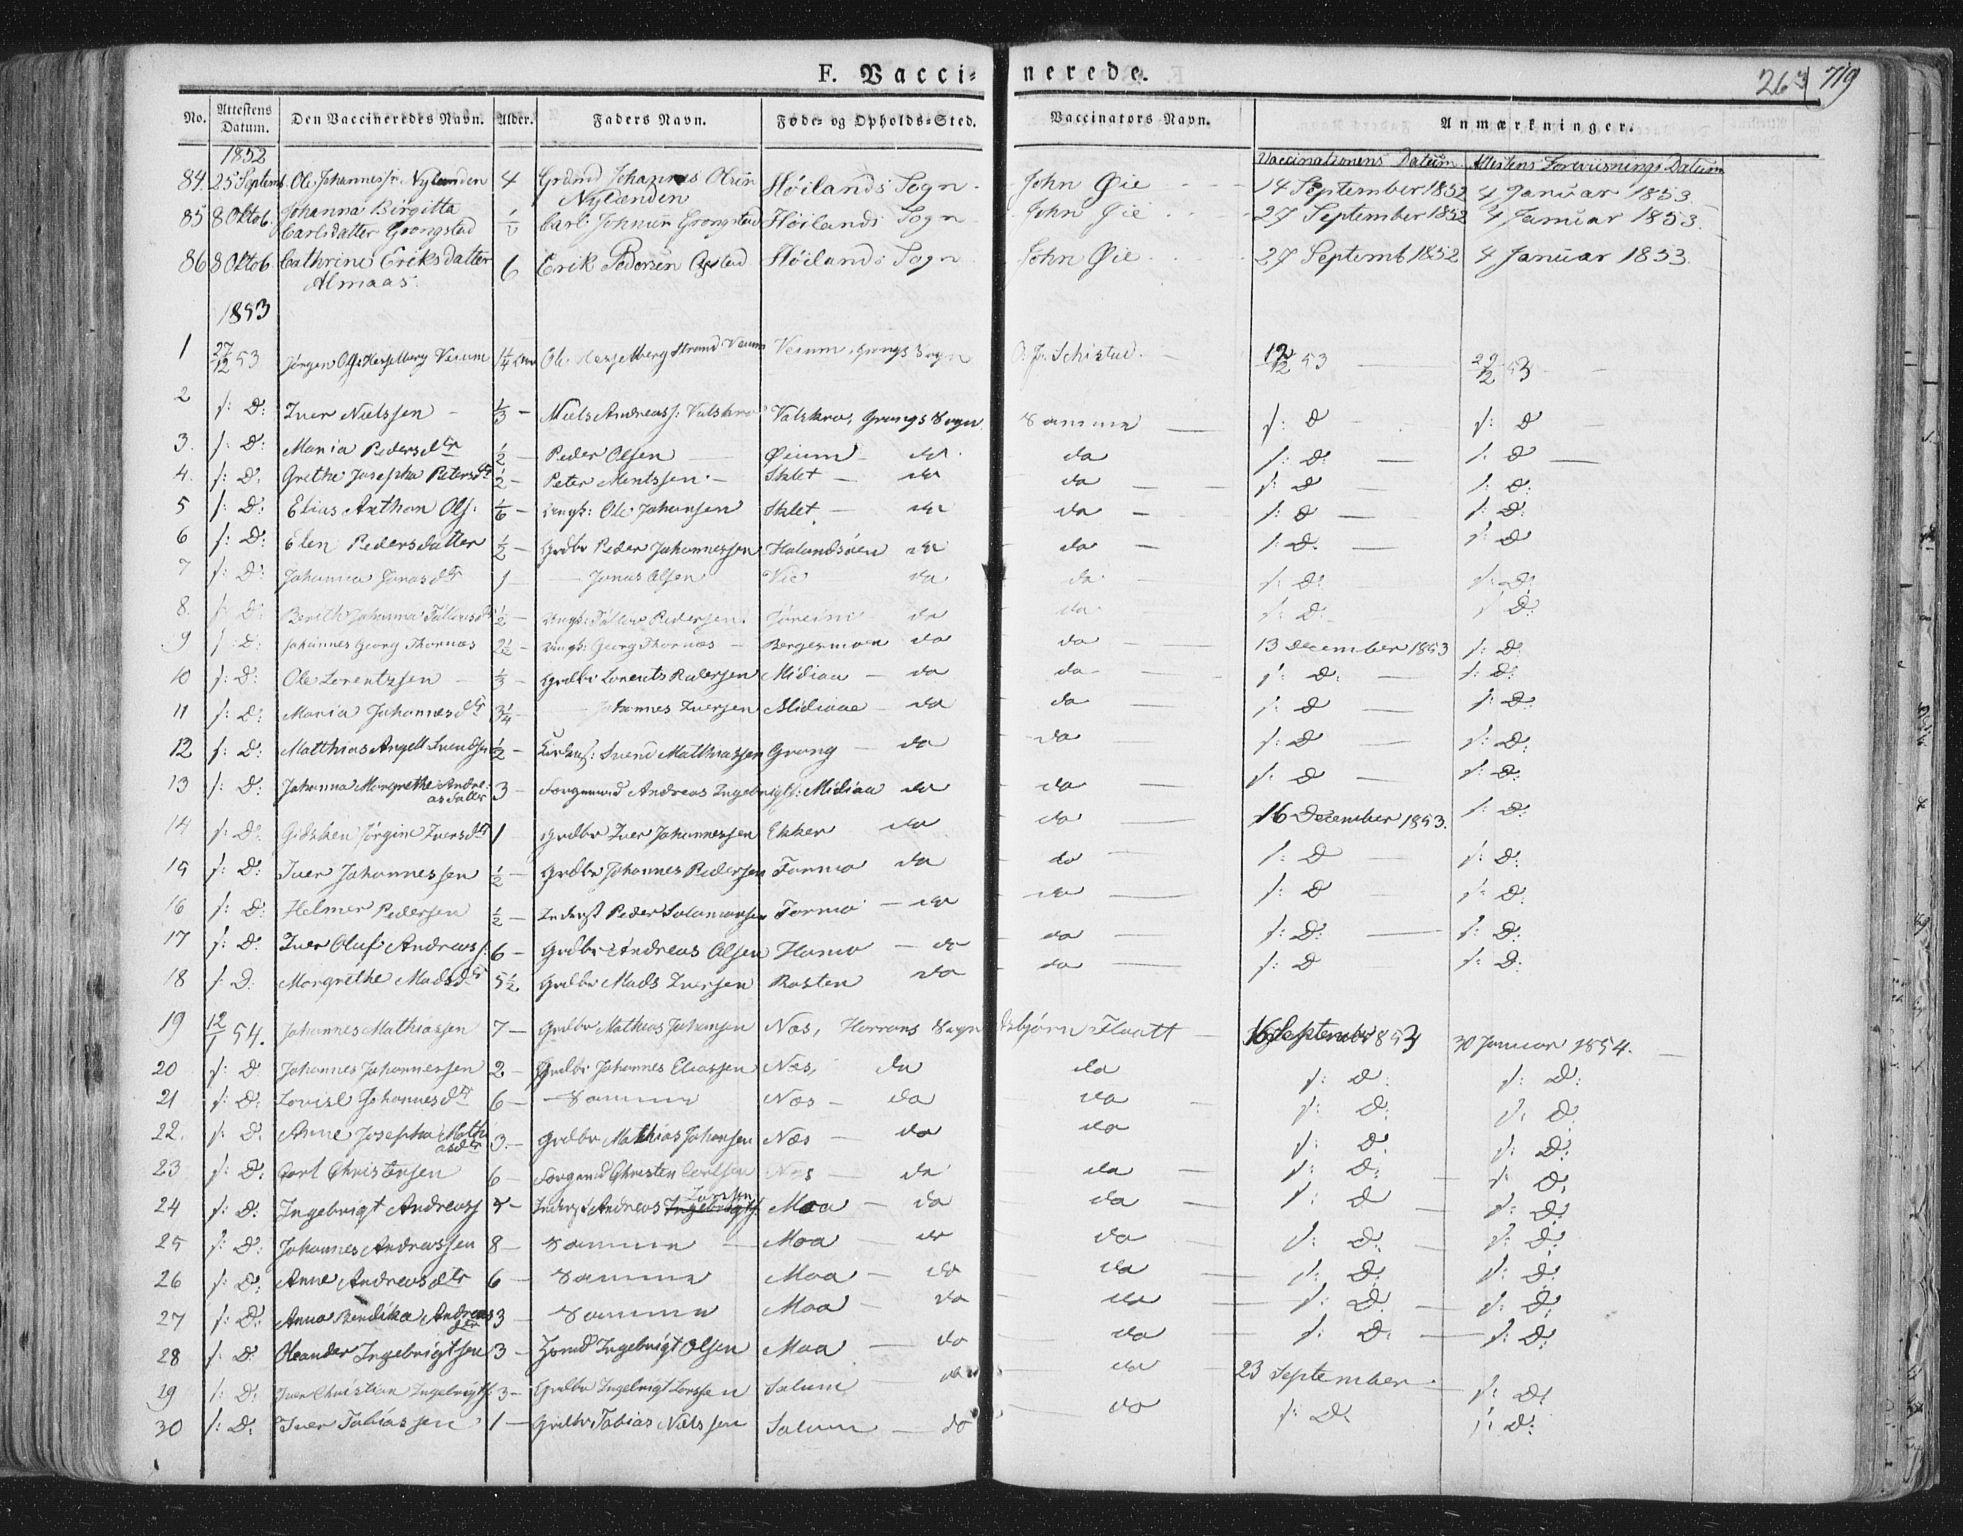 SAT, Ministerialprotokoller, klokkerbøker og fødselsregistre - Nord-Trøndelag, 758/L0513: Ministerialbok nr. 758A02 /1, 1839-1868, s. 263